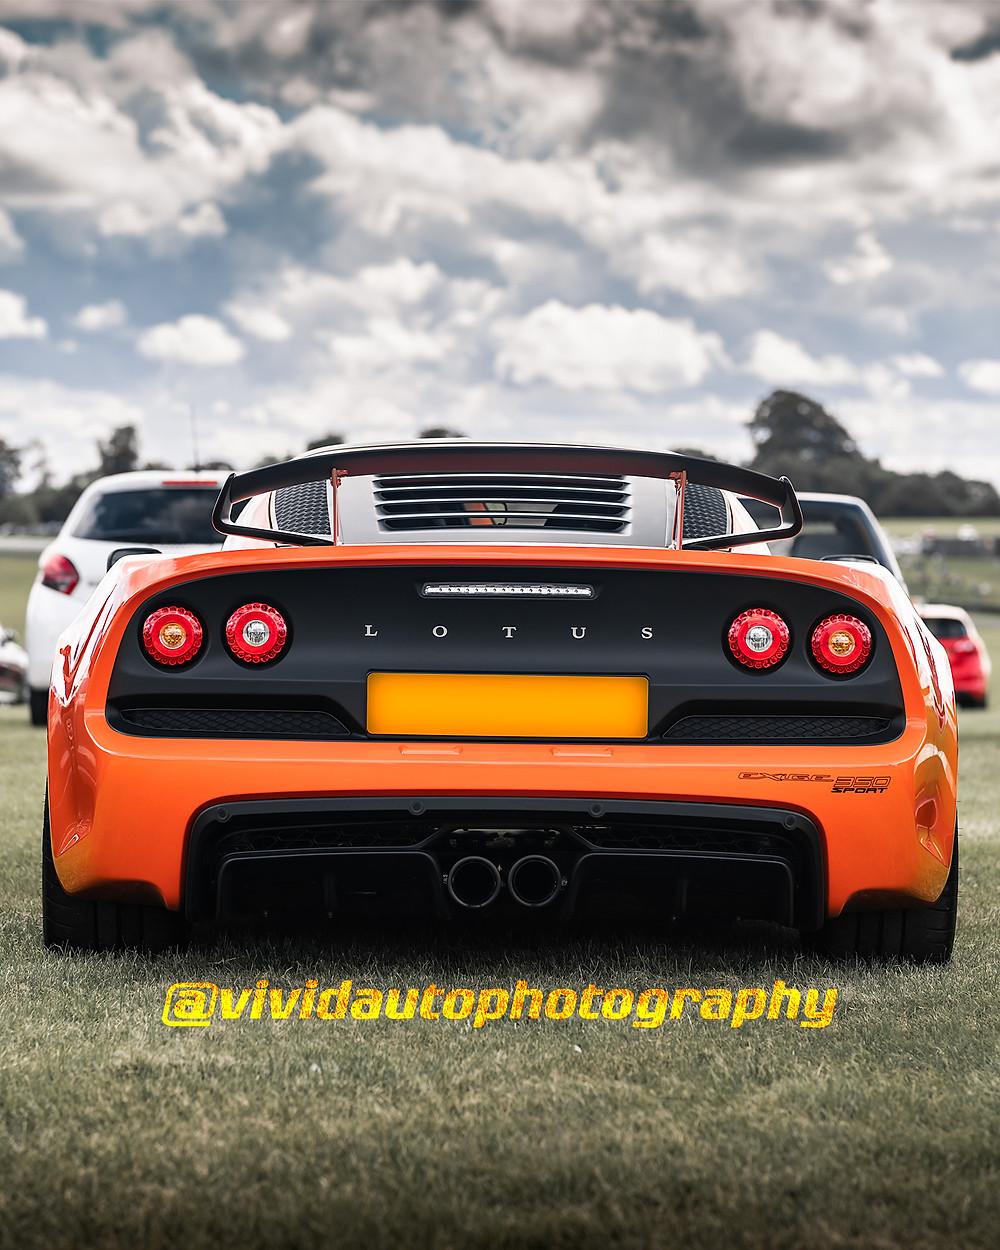 Lotus Exige Sport 350 | Signature Orange | Rear poster